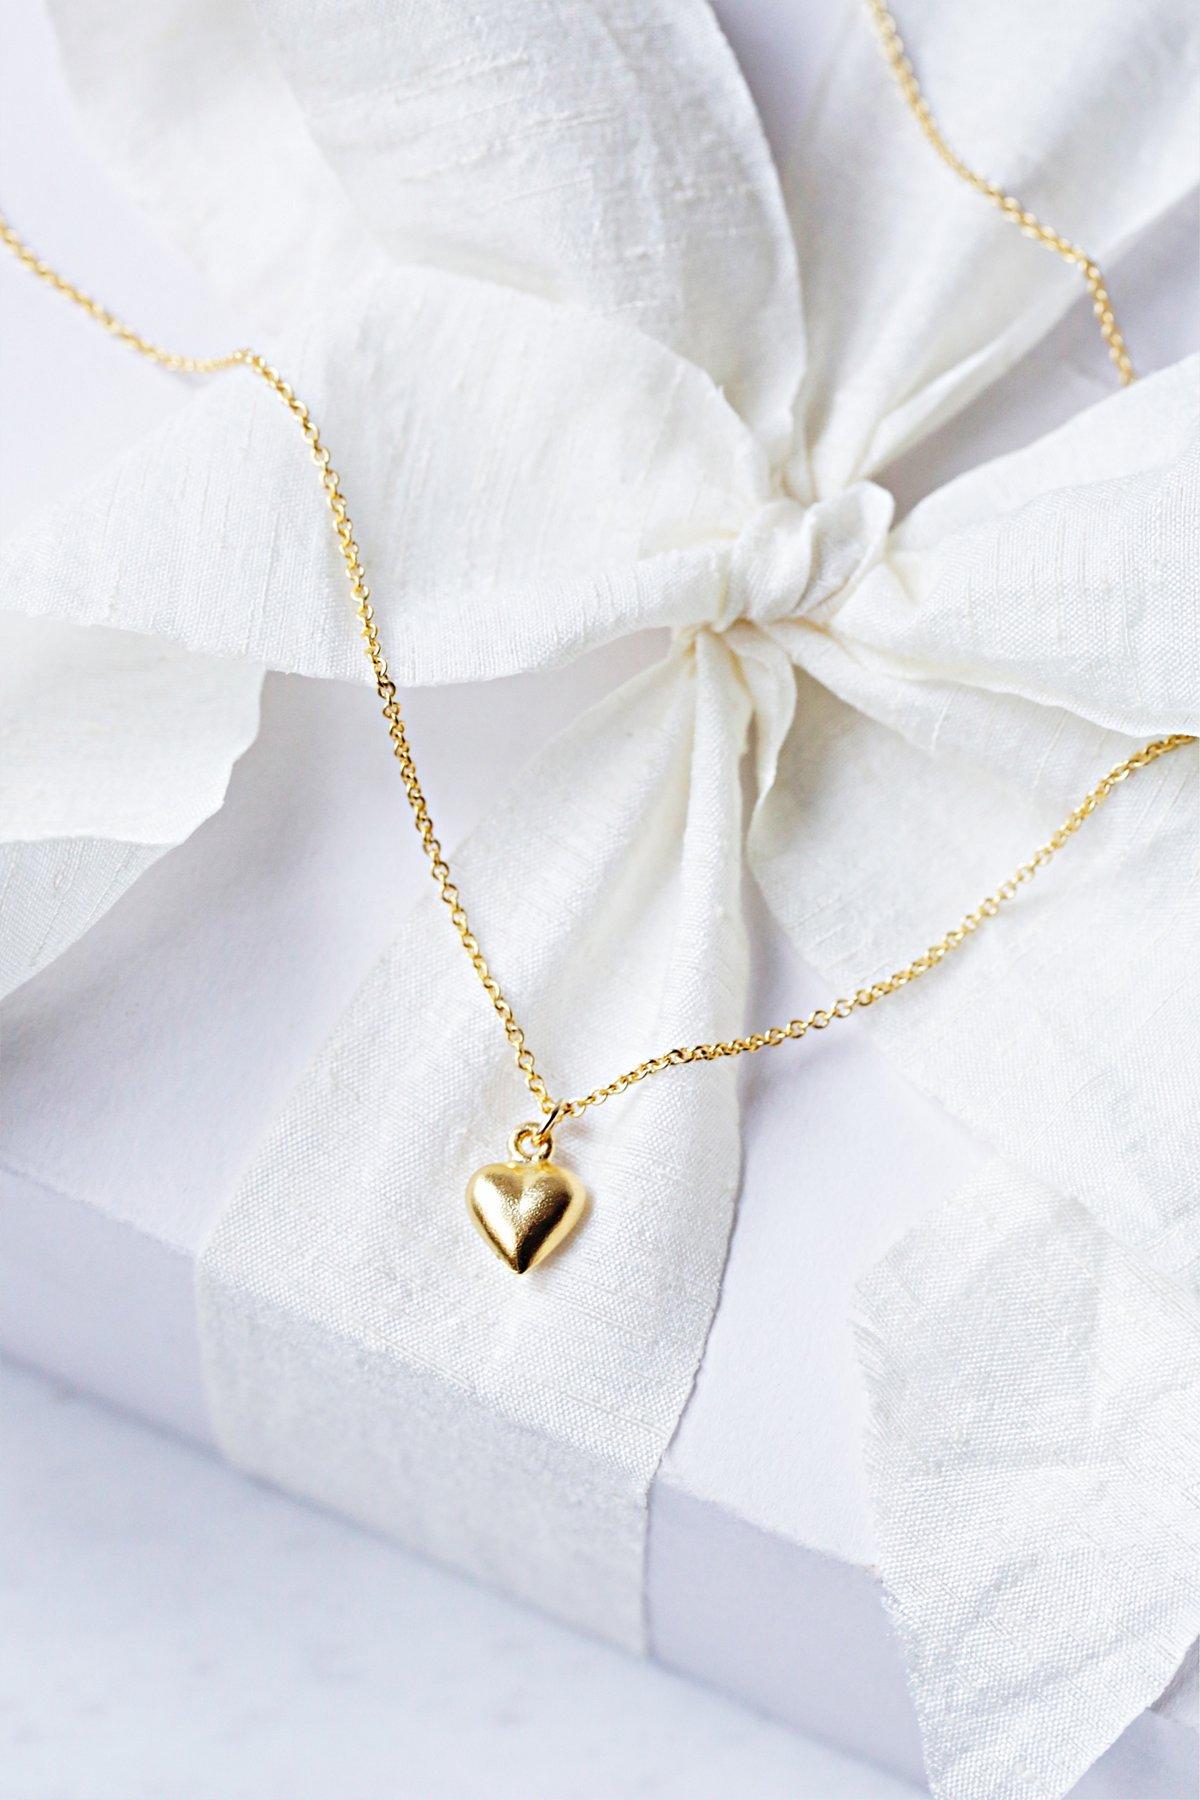 可爱小饰物颈链